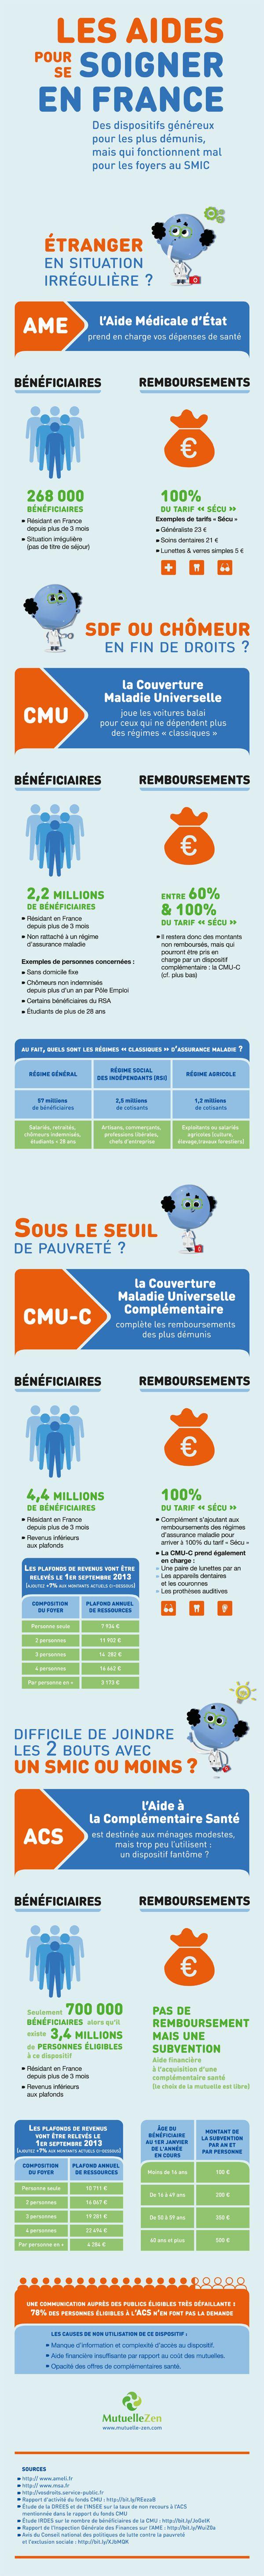 Infographie : les aides pour se soigner en France